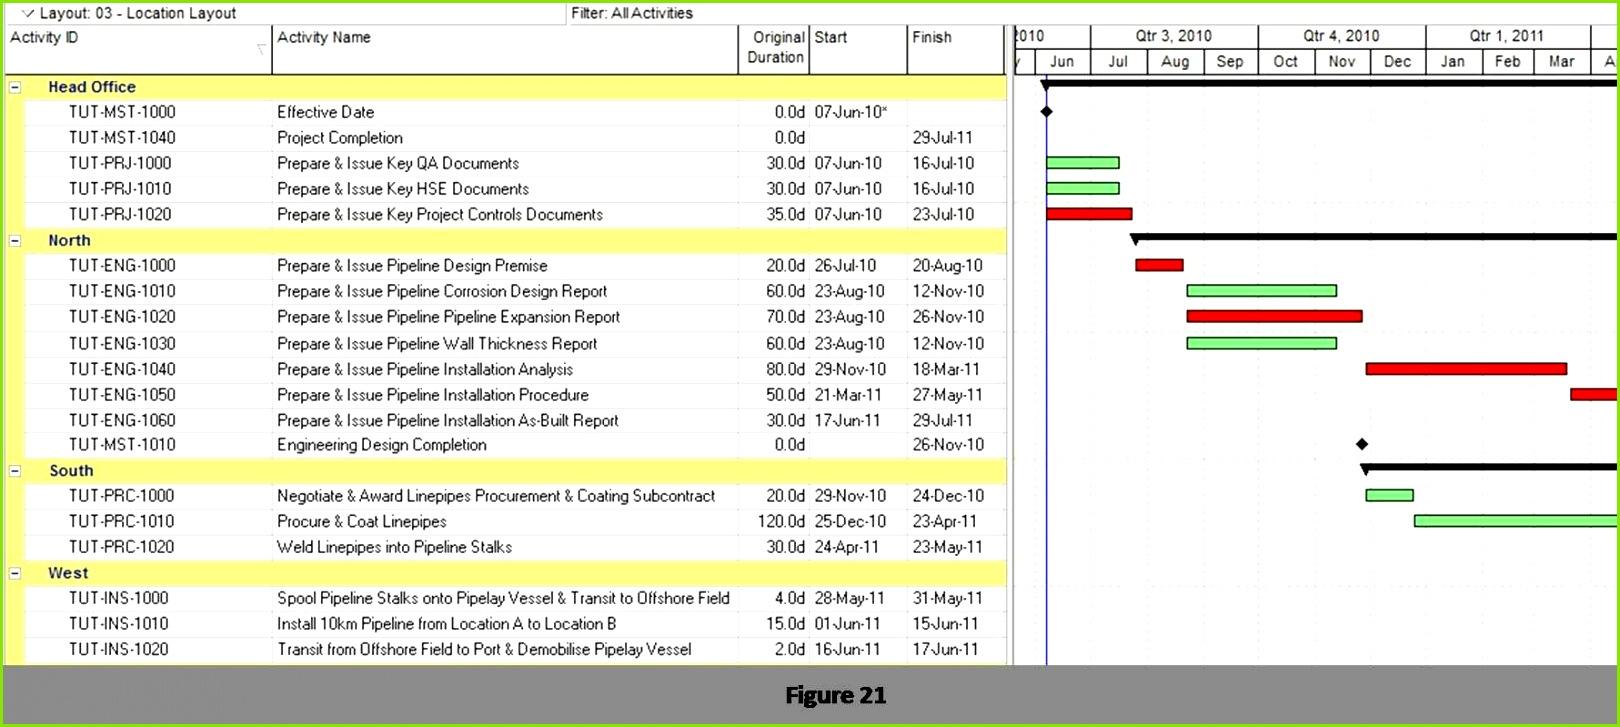 15 Haushaltsbuch Muster Einzigartig Für Deckblatt Vorlage Pdf Einzigartig Für Deckblatt Vorlage Pdf